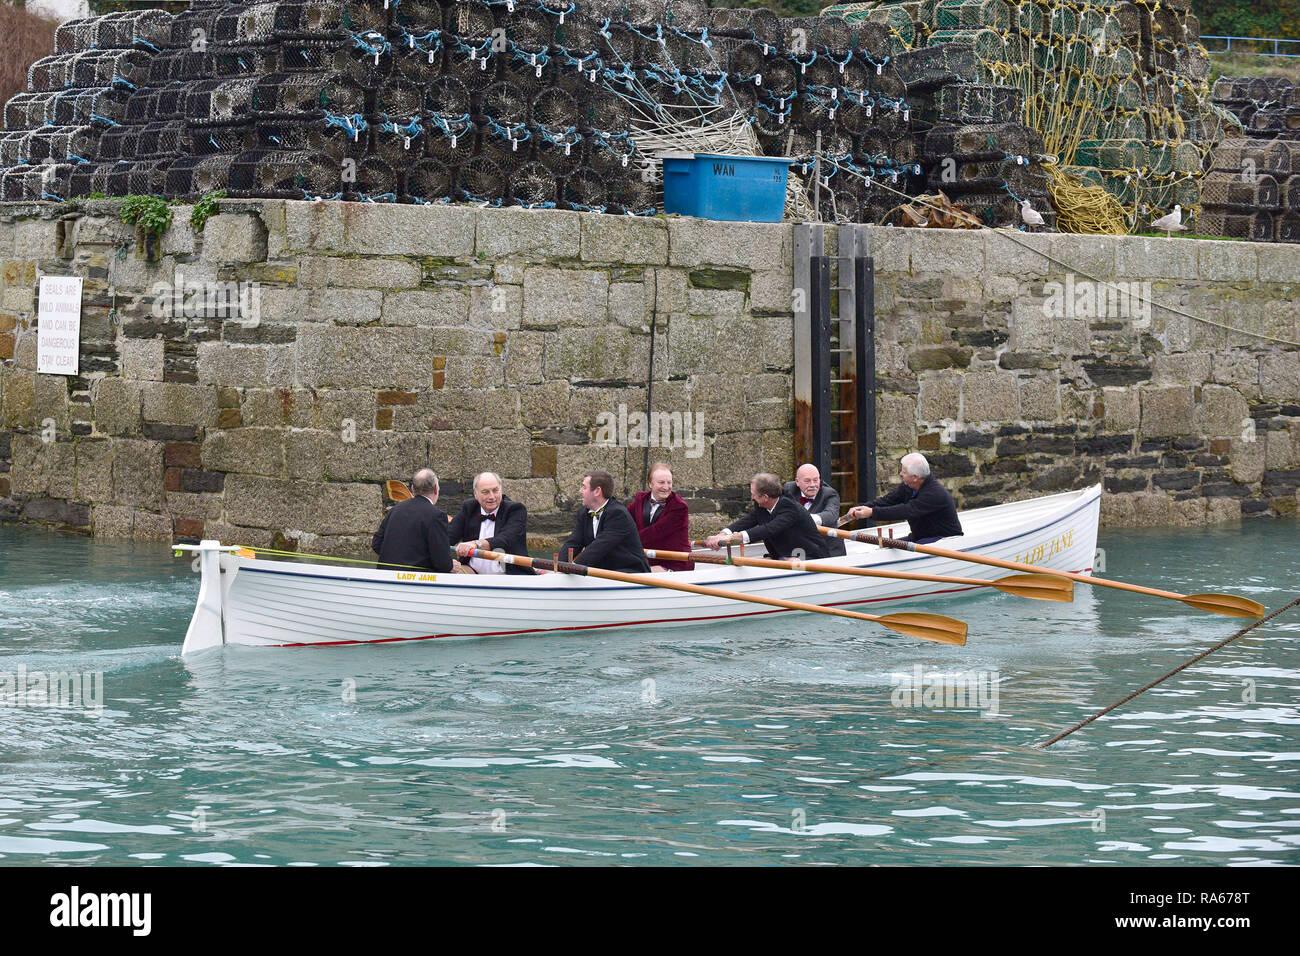 Newquay, Cornwall, UK. 21 avril, 2018. Les principaux membres de Newquay Rowing Club de porter des smokings sur leur rapport annuel Port d'Run'. Une bouteille de porto est ramé à travers la baie de Newquay à île de Porth par ces rameurs dans un pilote traditionnel cornouaillais Gig. Une fois qu'ils la bouteille est consommée par les rameurs qui puis revenir au port de Newquay. Gordon 1928/Alamy Live News. Photo Stock